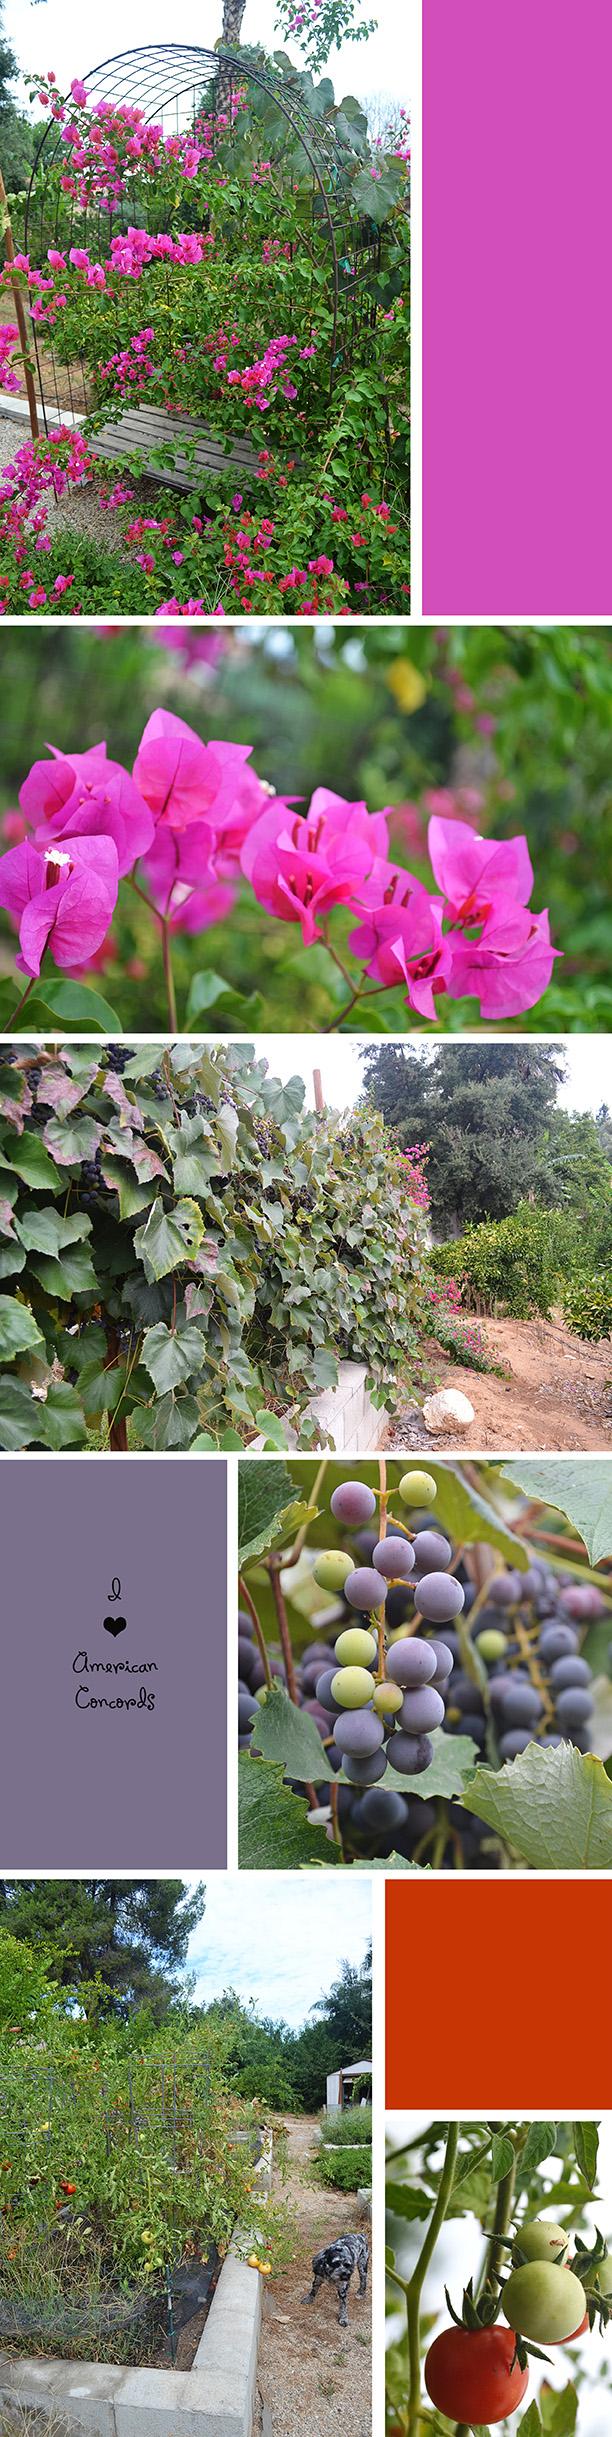 Garden_Aug2013_2